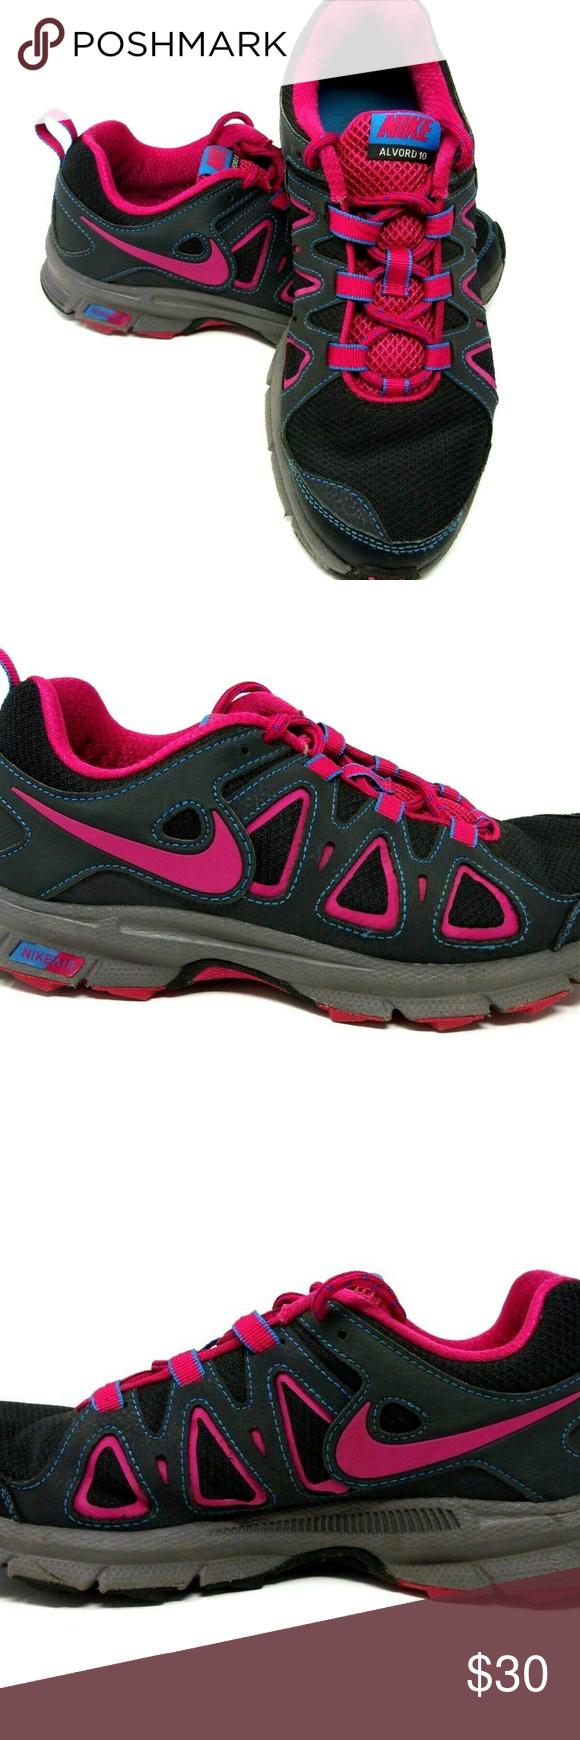 243e7c76837 NIKE Air Alvord 10 Women s Trail Running Shoes NIKE Air Alvord 10 Women s  Trail Running Shoes